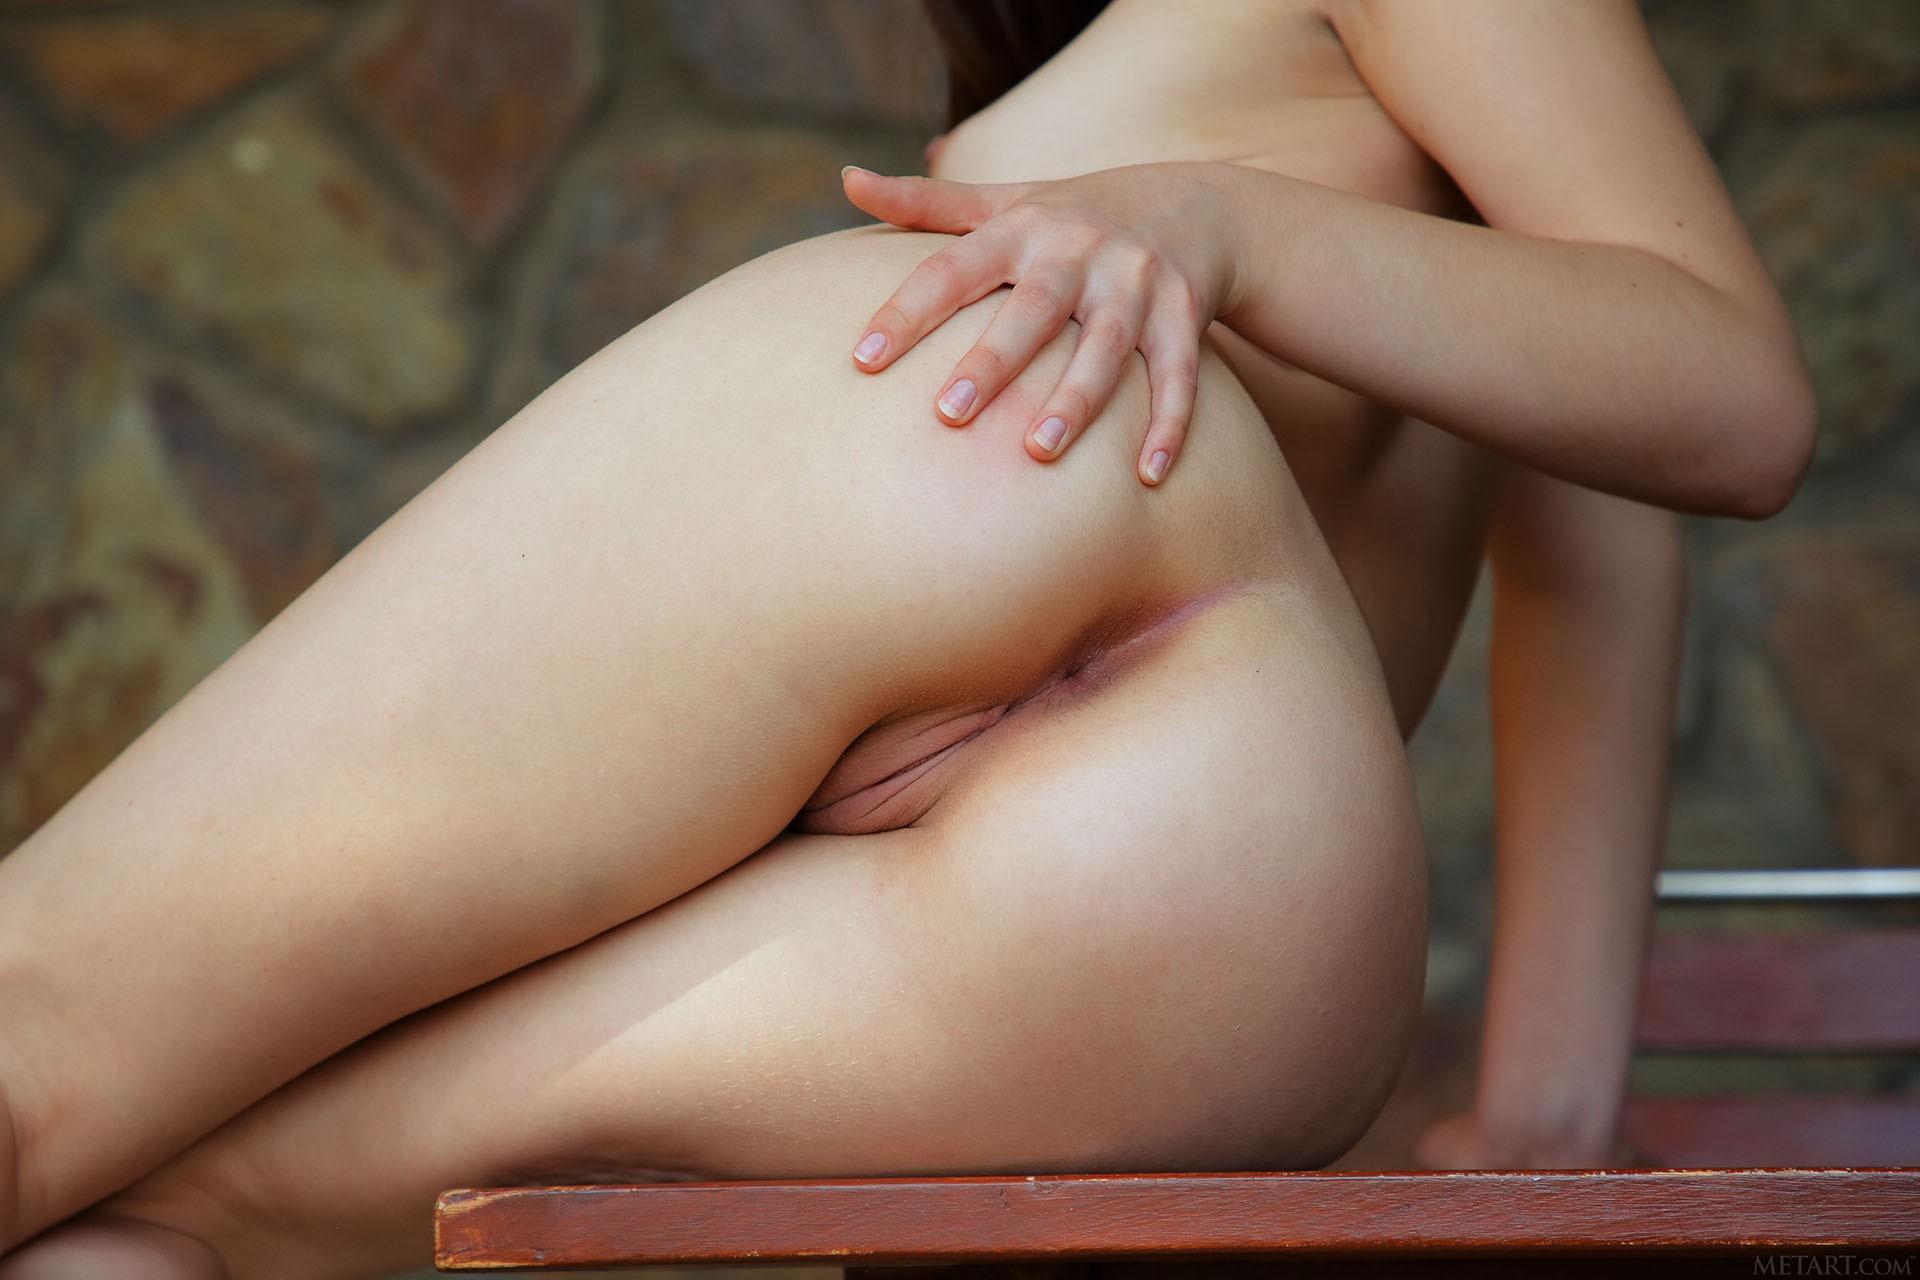 http://media.naked-woman.org/uploads/2020/04/10586_65.jpg